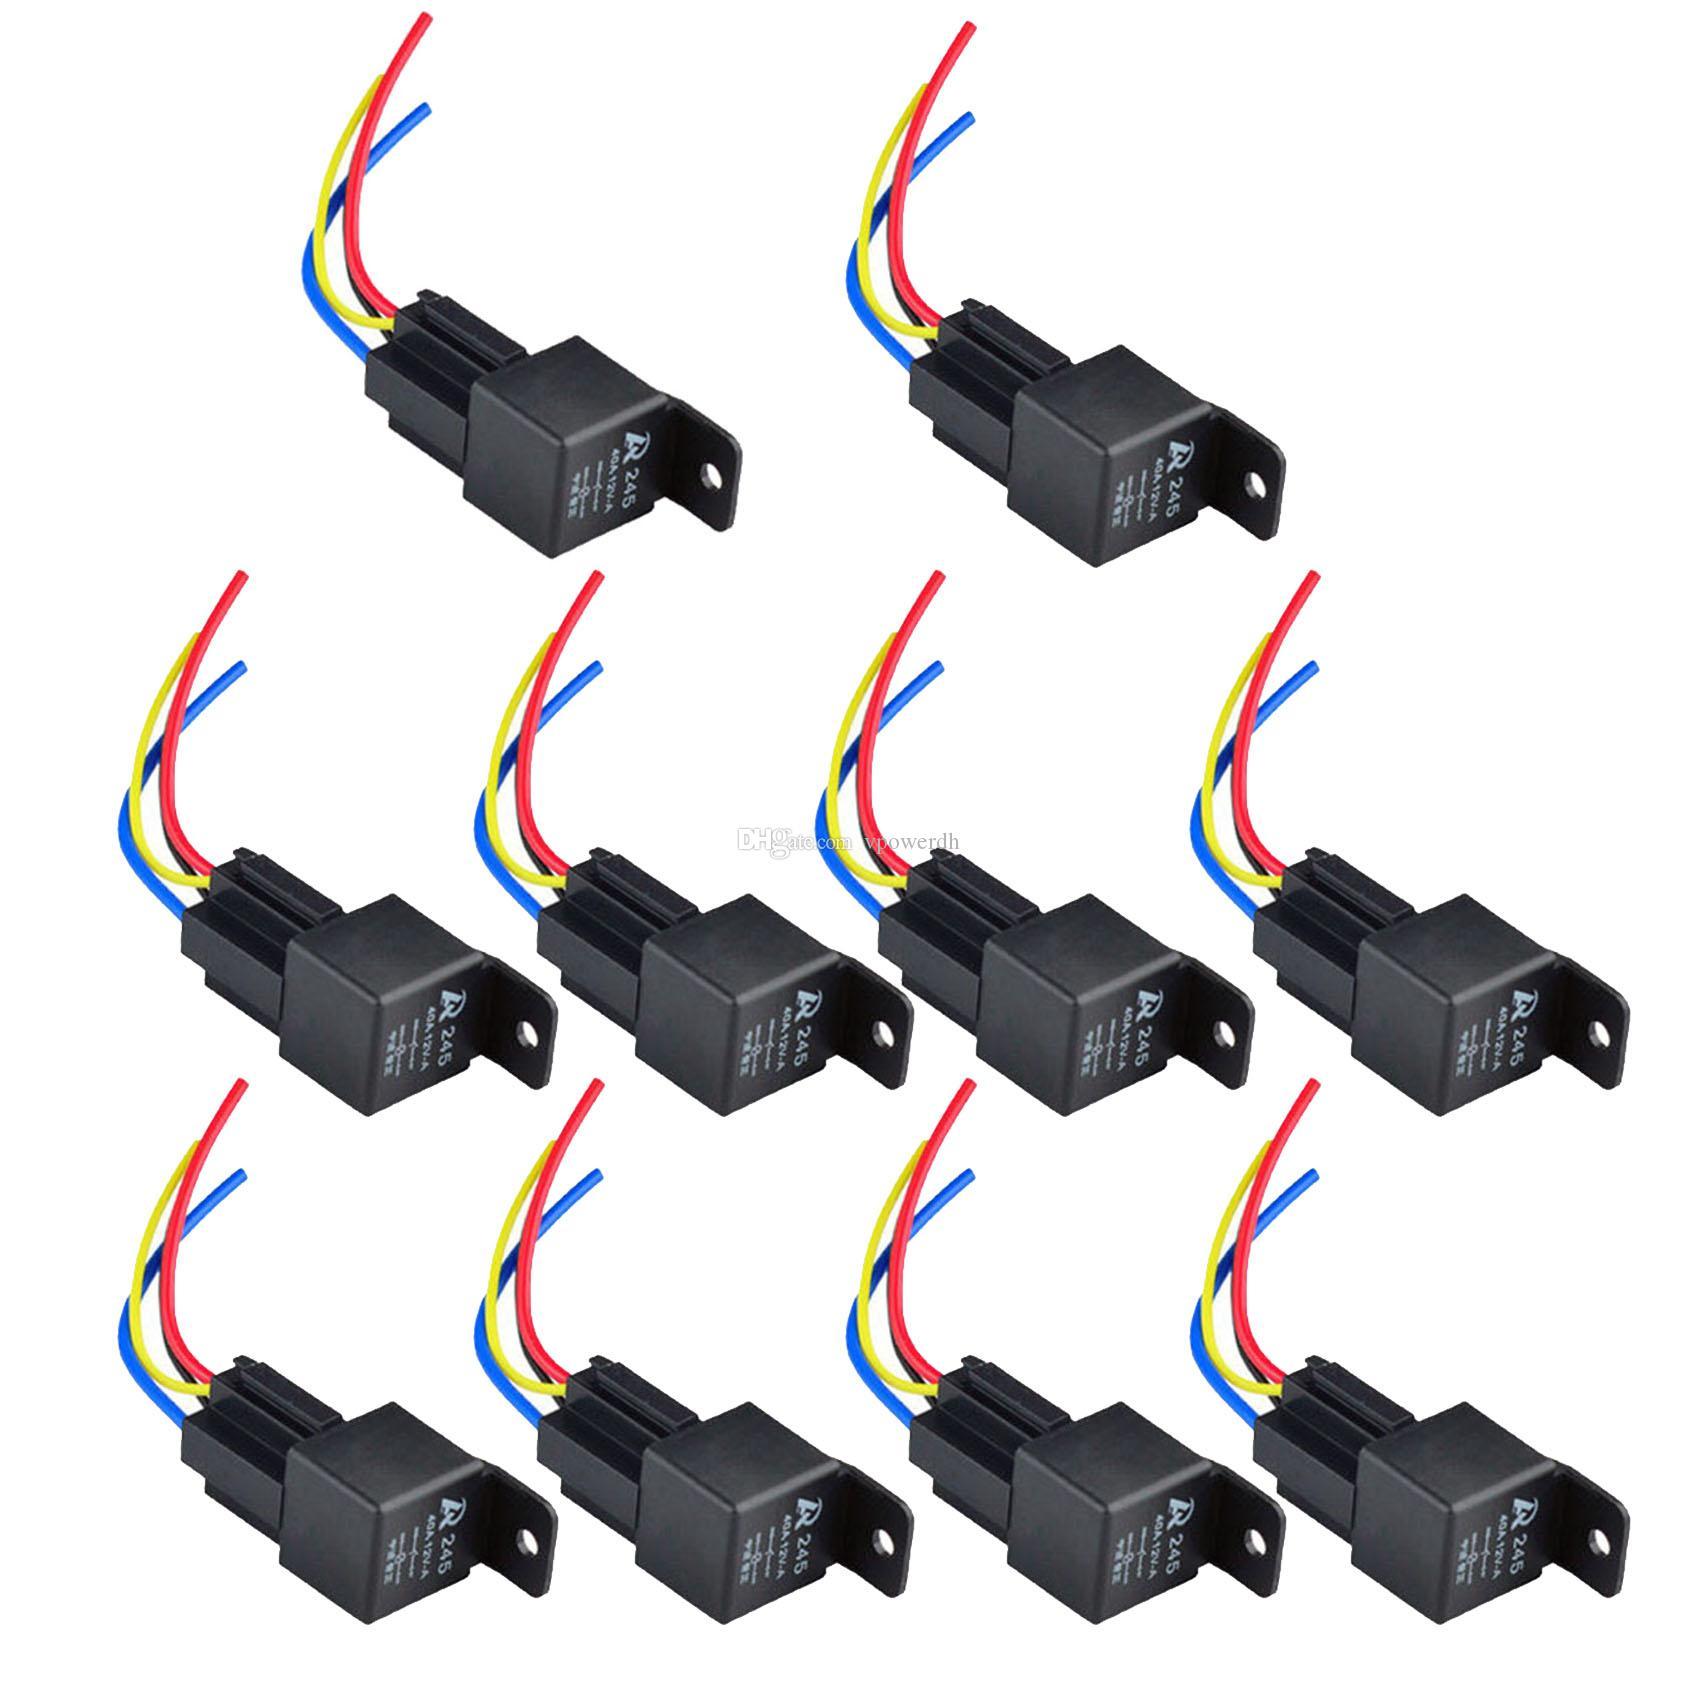 12V 12Volt 40A 자동 자동차 릴레이 소켓 40 앰프 4 핀 릴레이 전선 M00003 VPRD